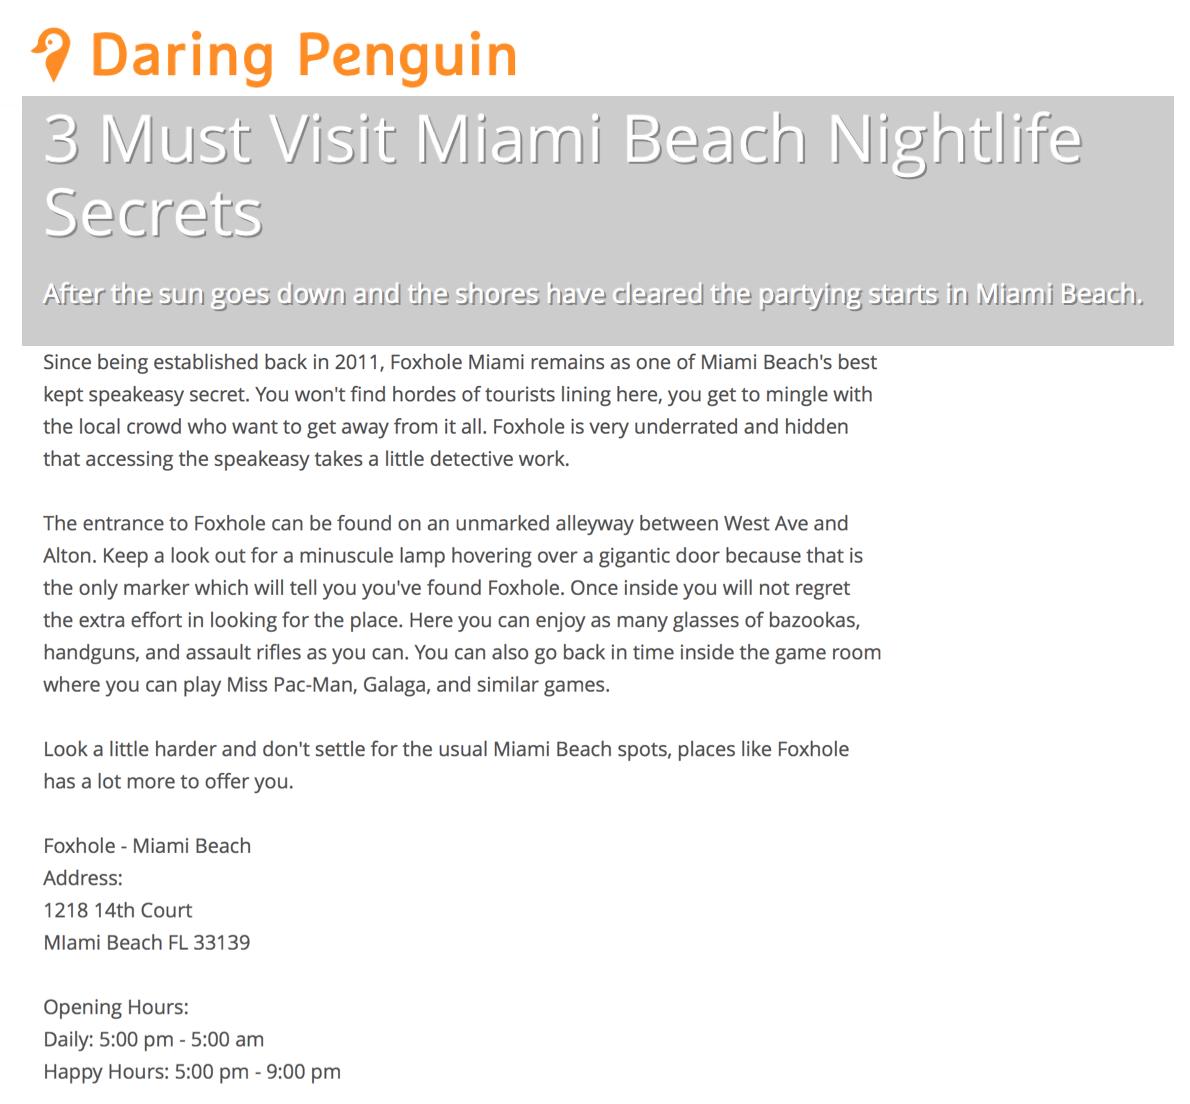 Daring Penguin